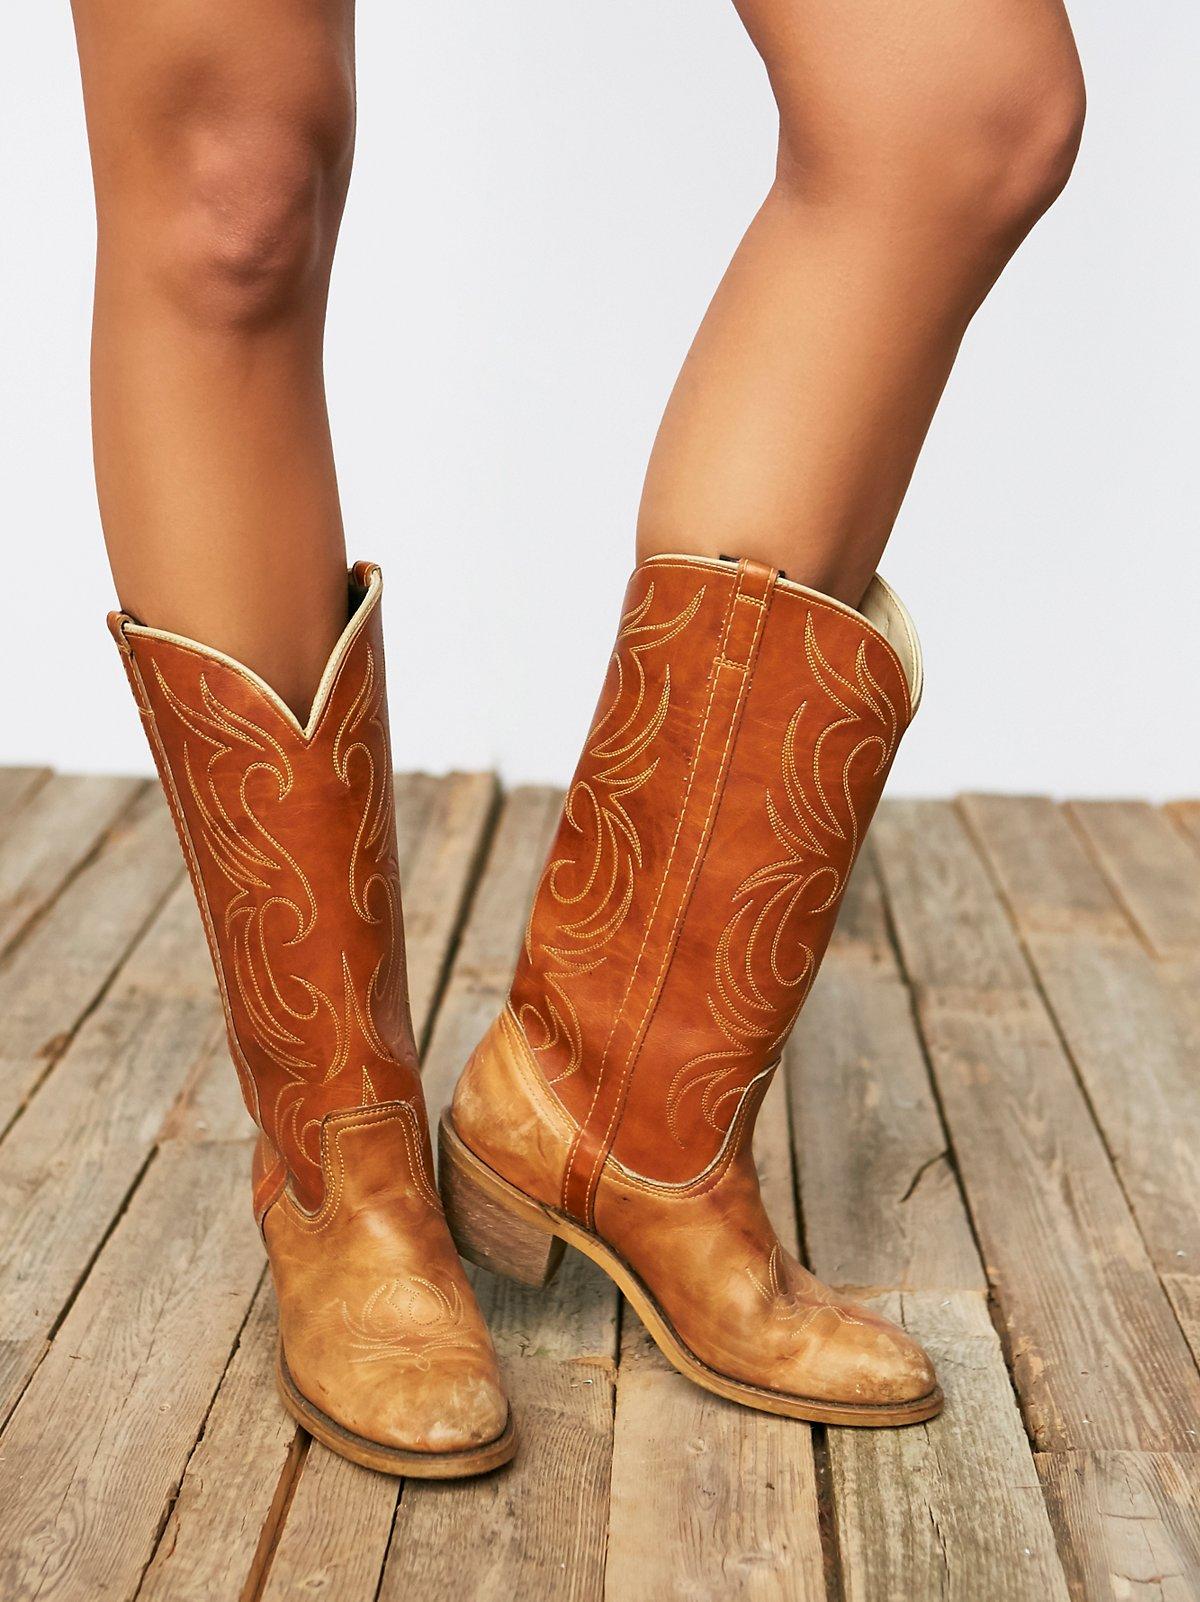 Vintage '70s Cowboy Boots